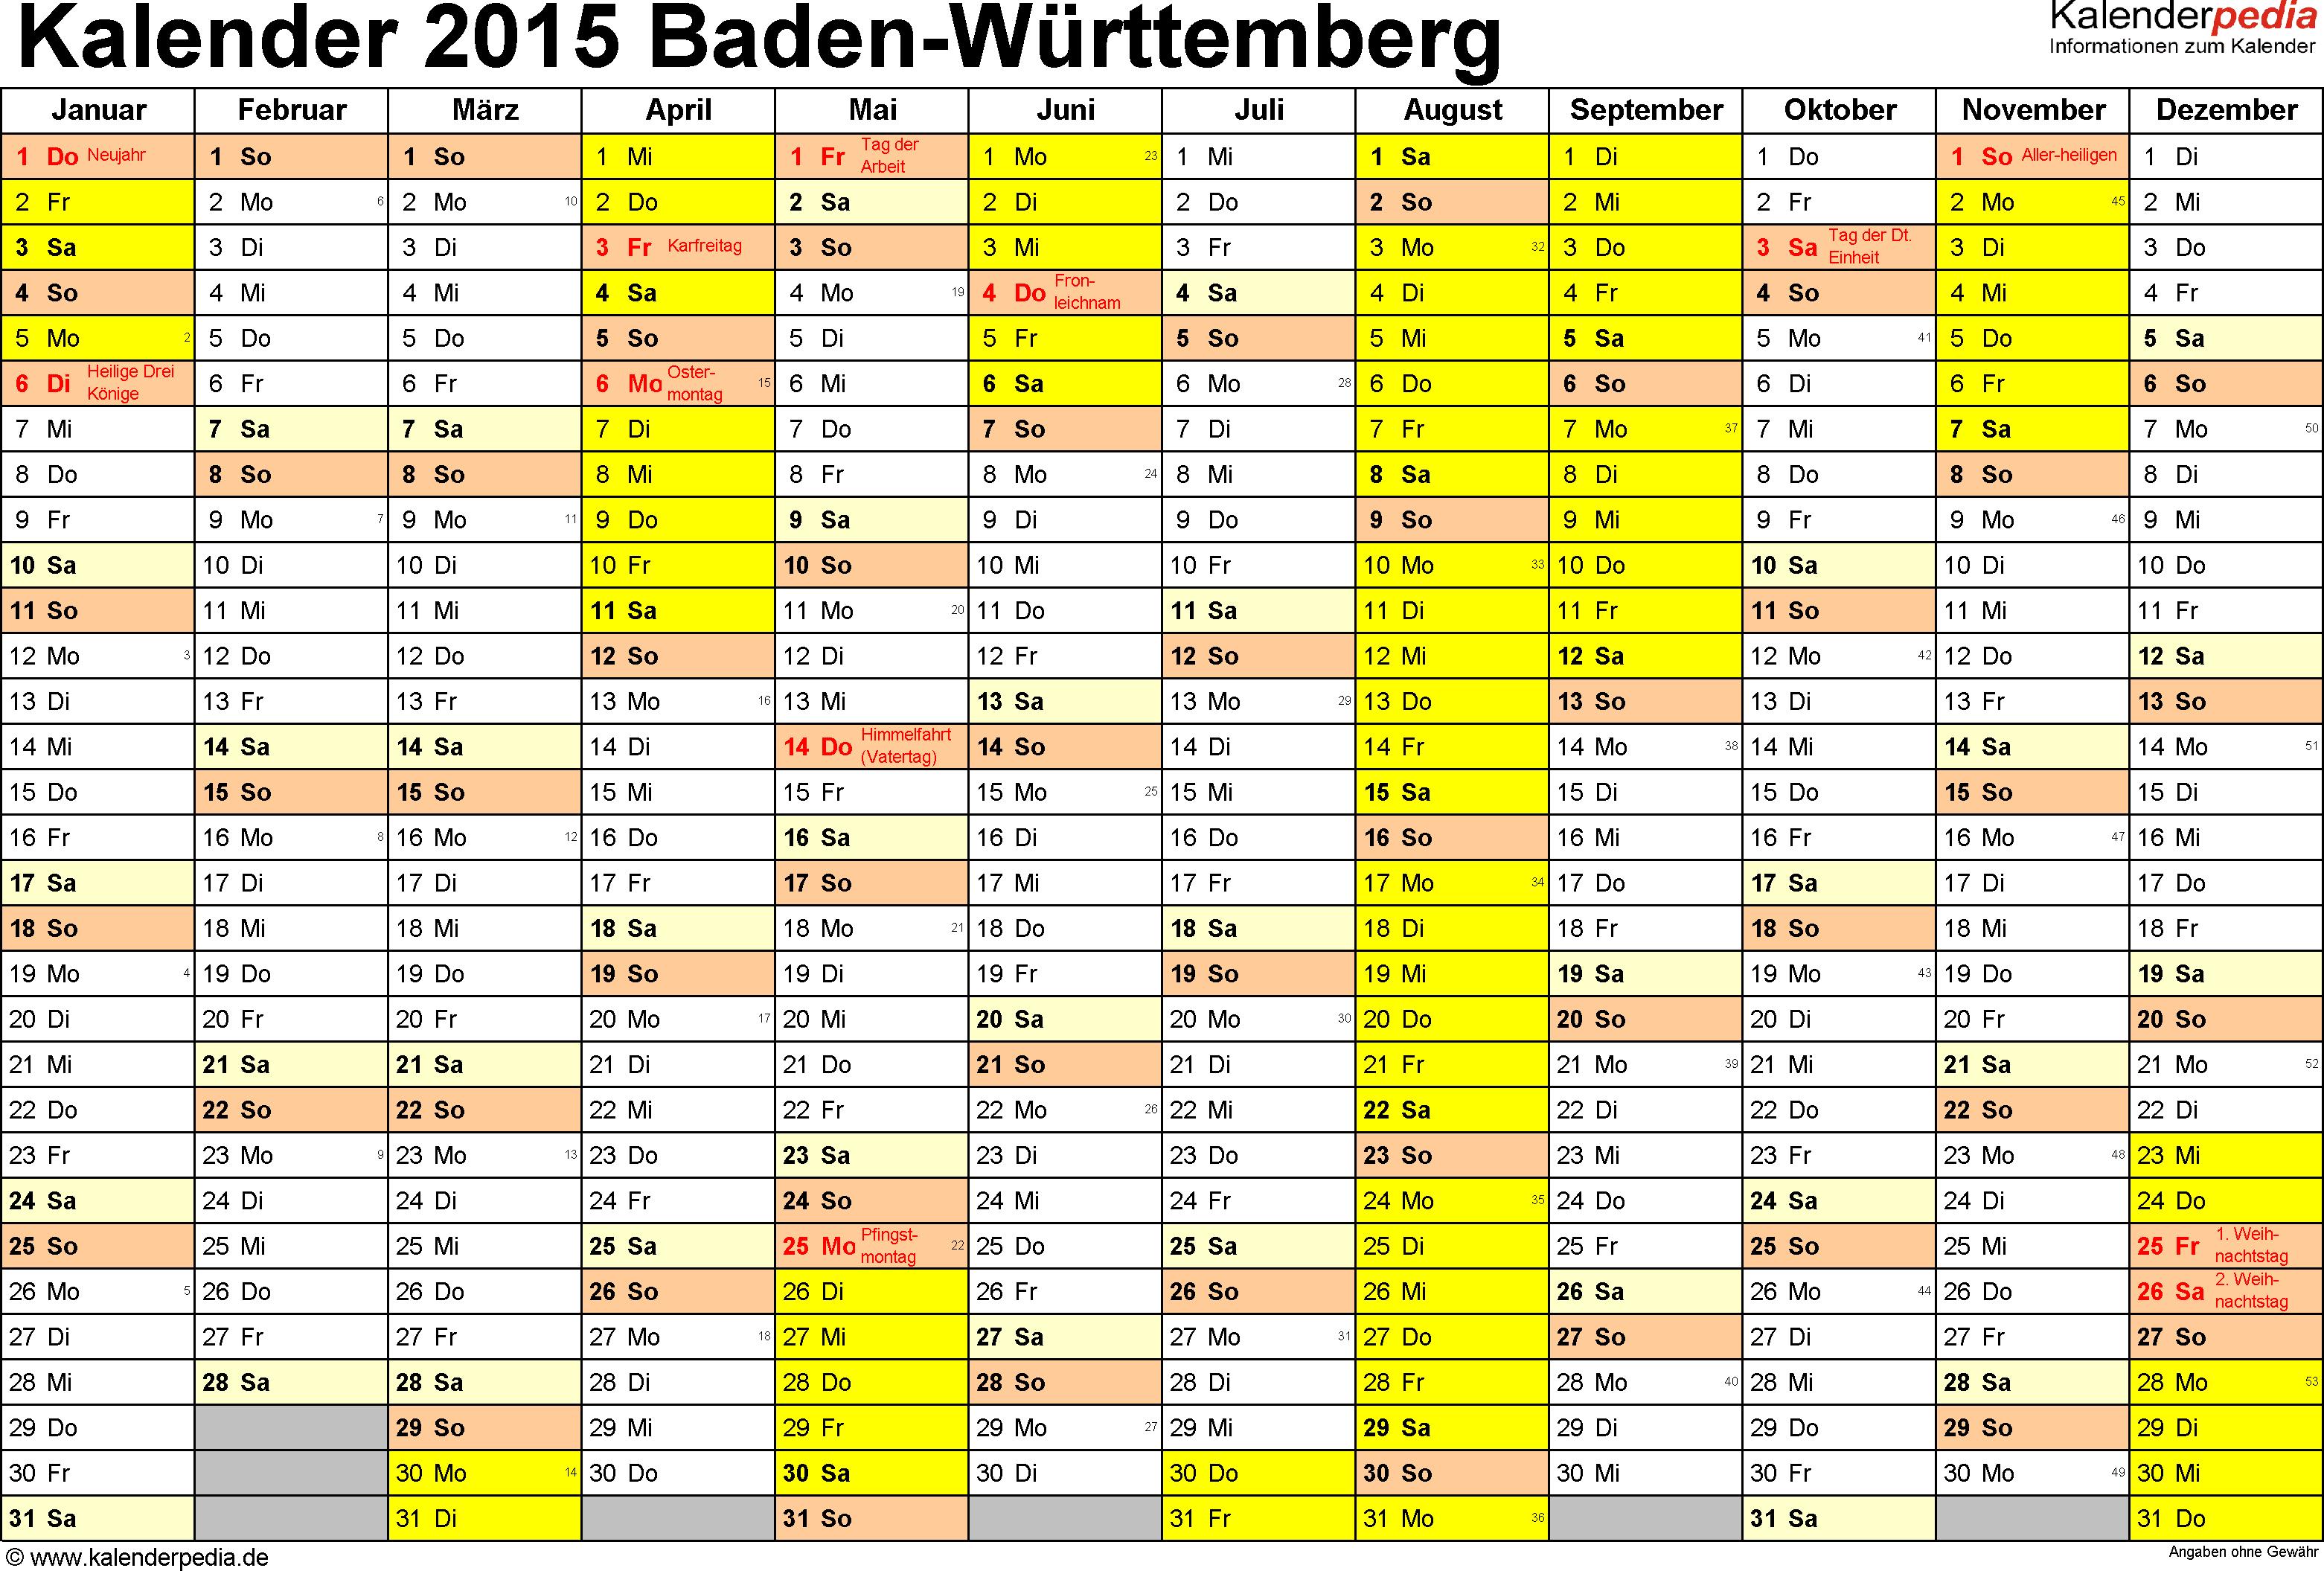 Vorlage 1: Kalender 2015 für Baden-Württemberg als PDF-Vorlage (Querformat, 1 Seite)